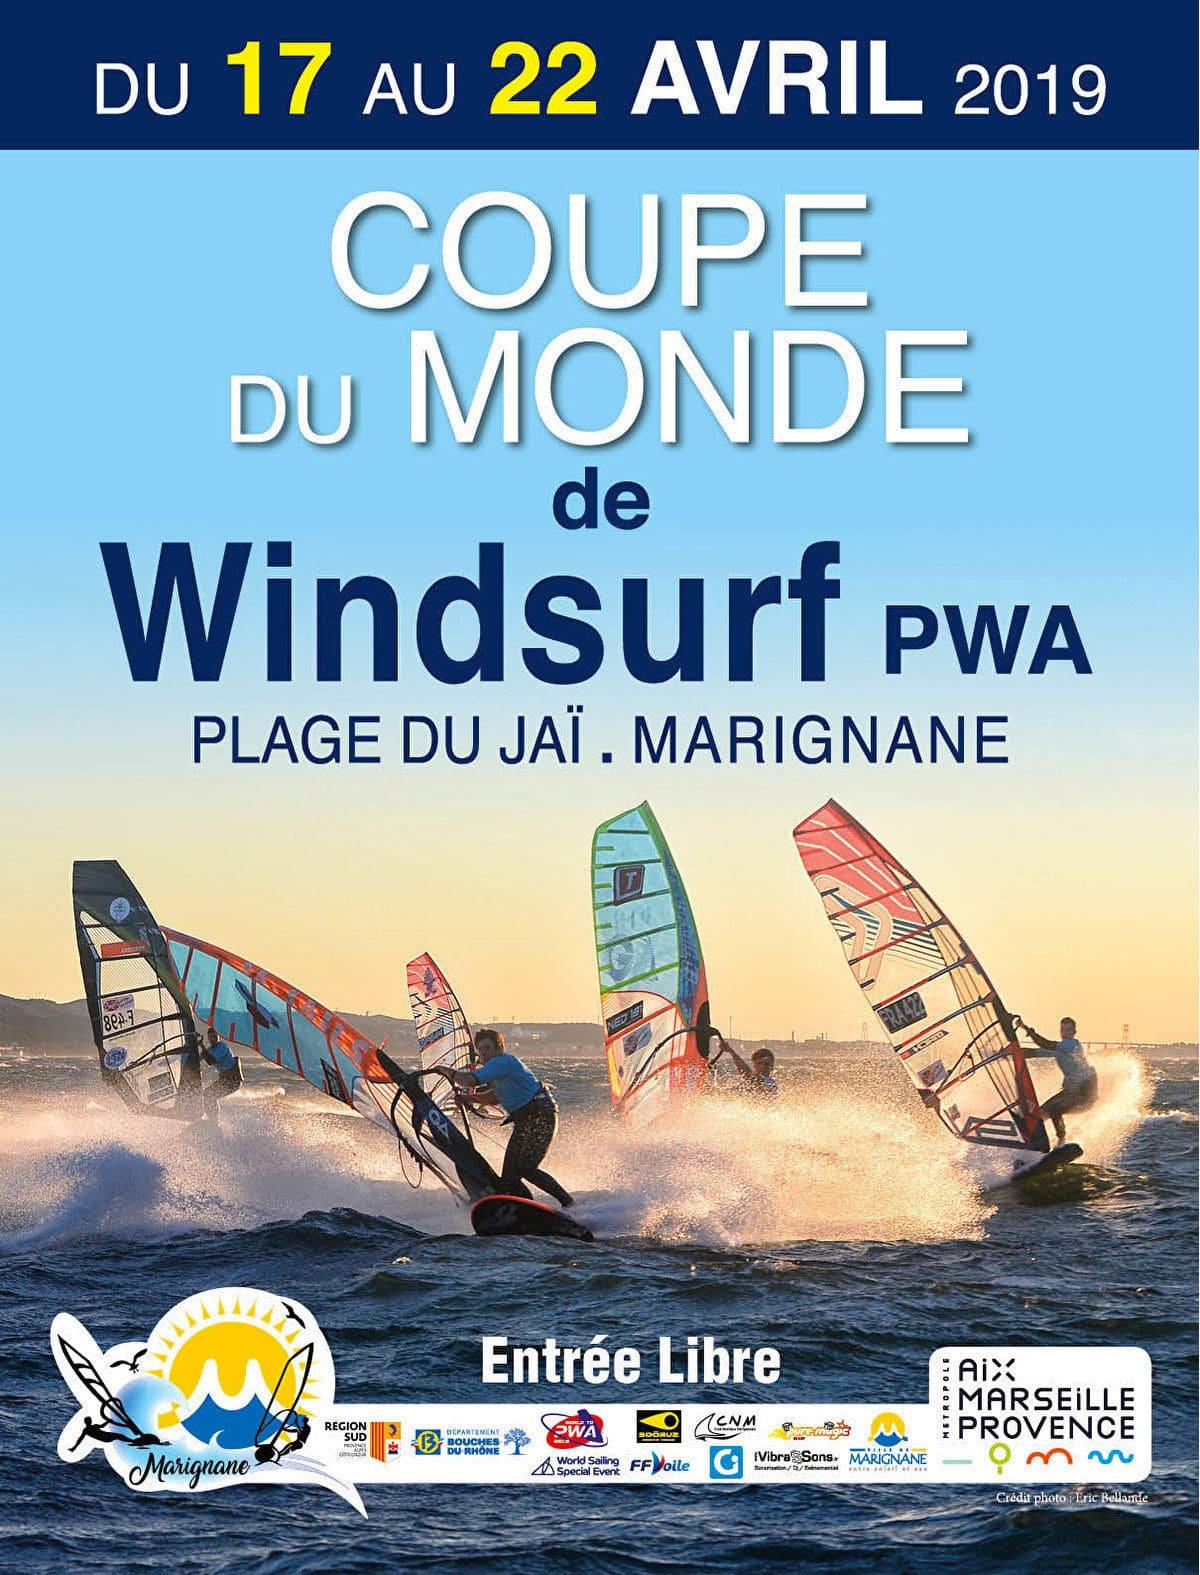 Coupe du Monde de Windsurf PWA 2019